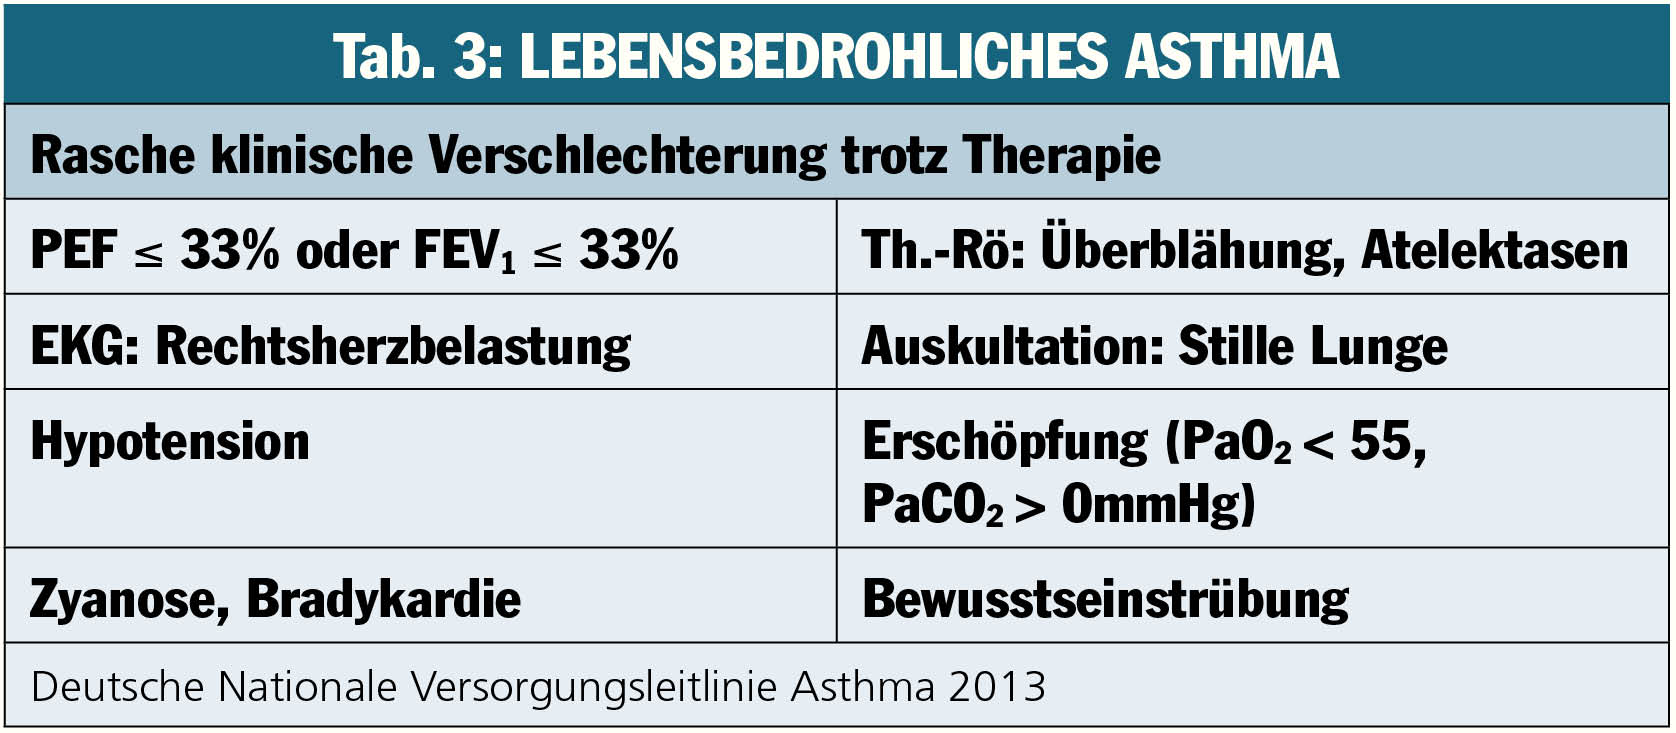 Schweres Asthma richtig behandeln | Ärzte Krone | MedMedia